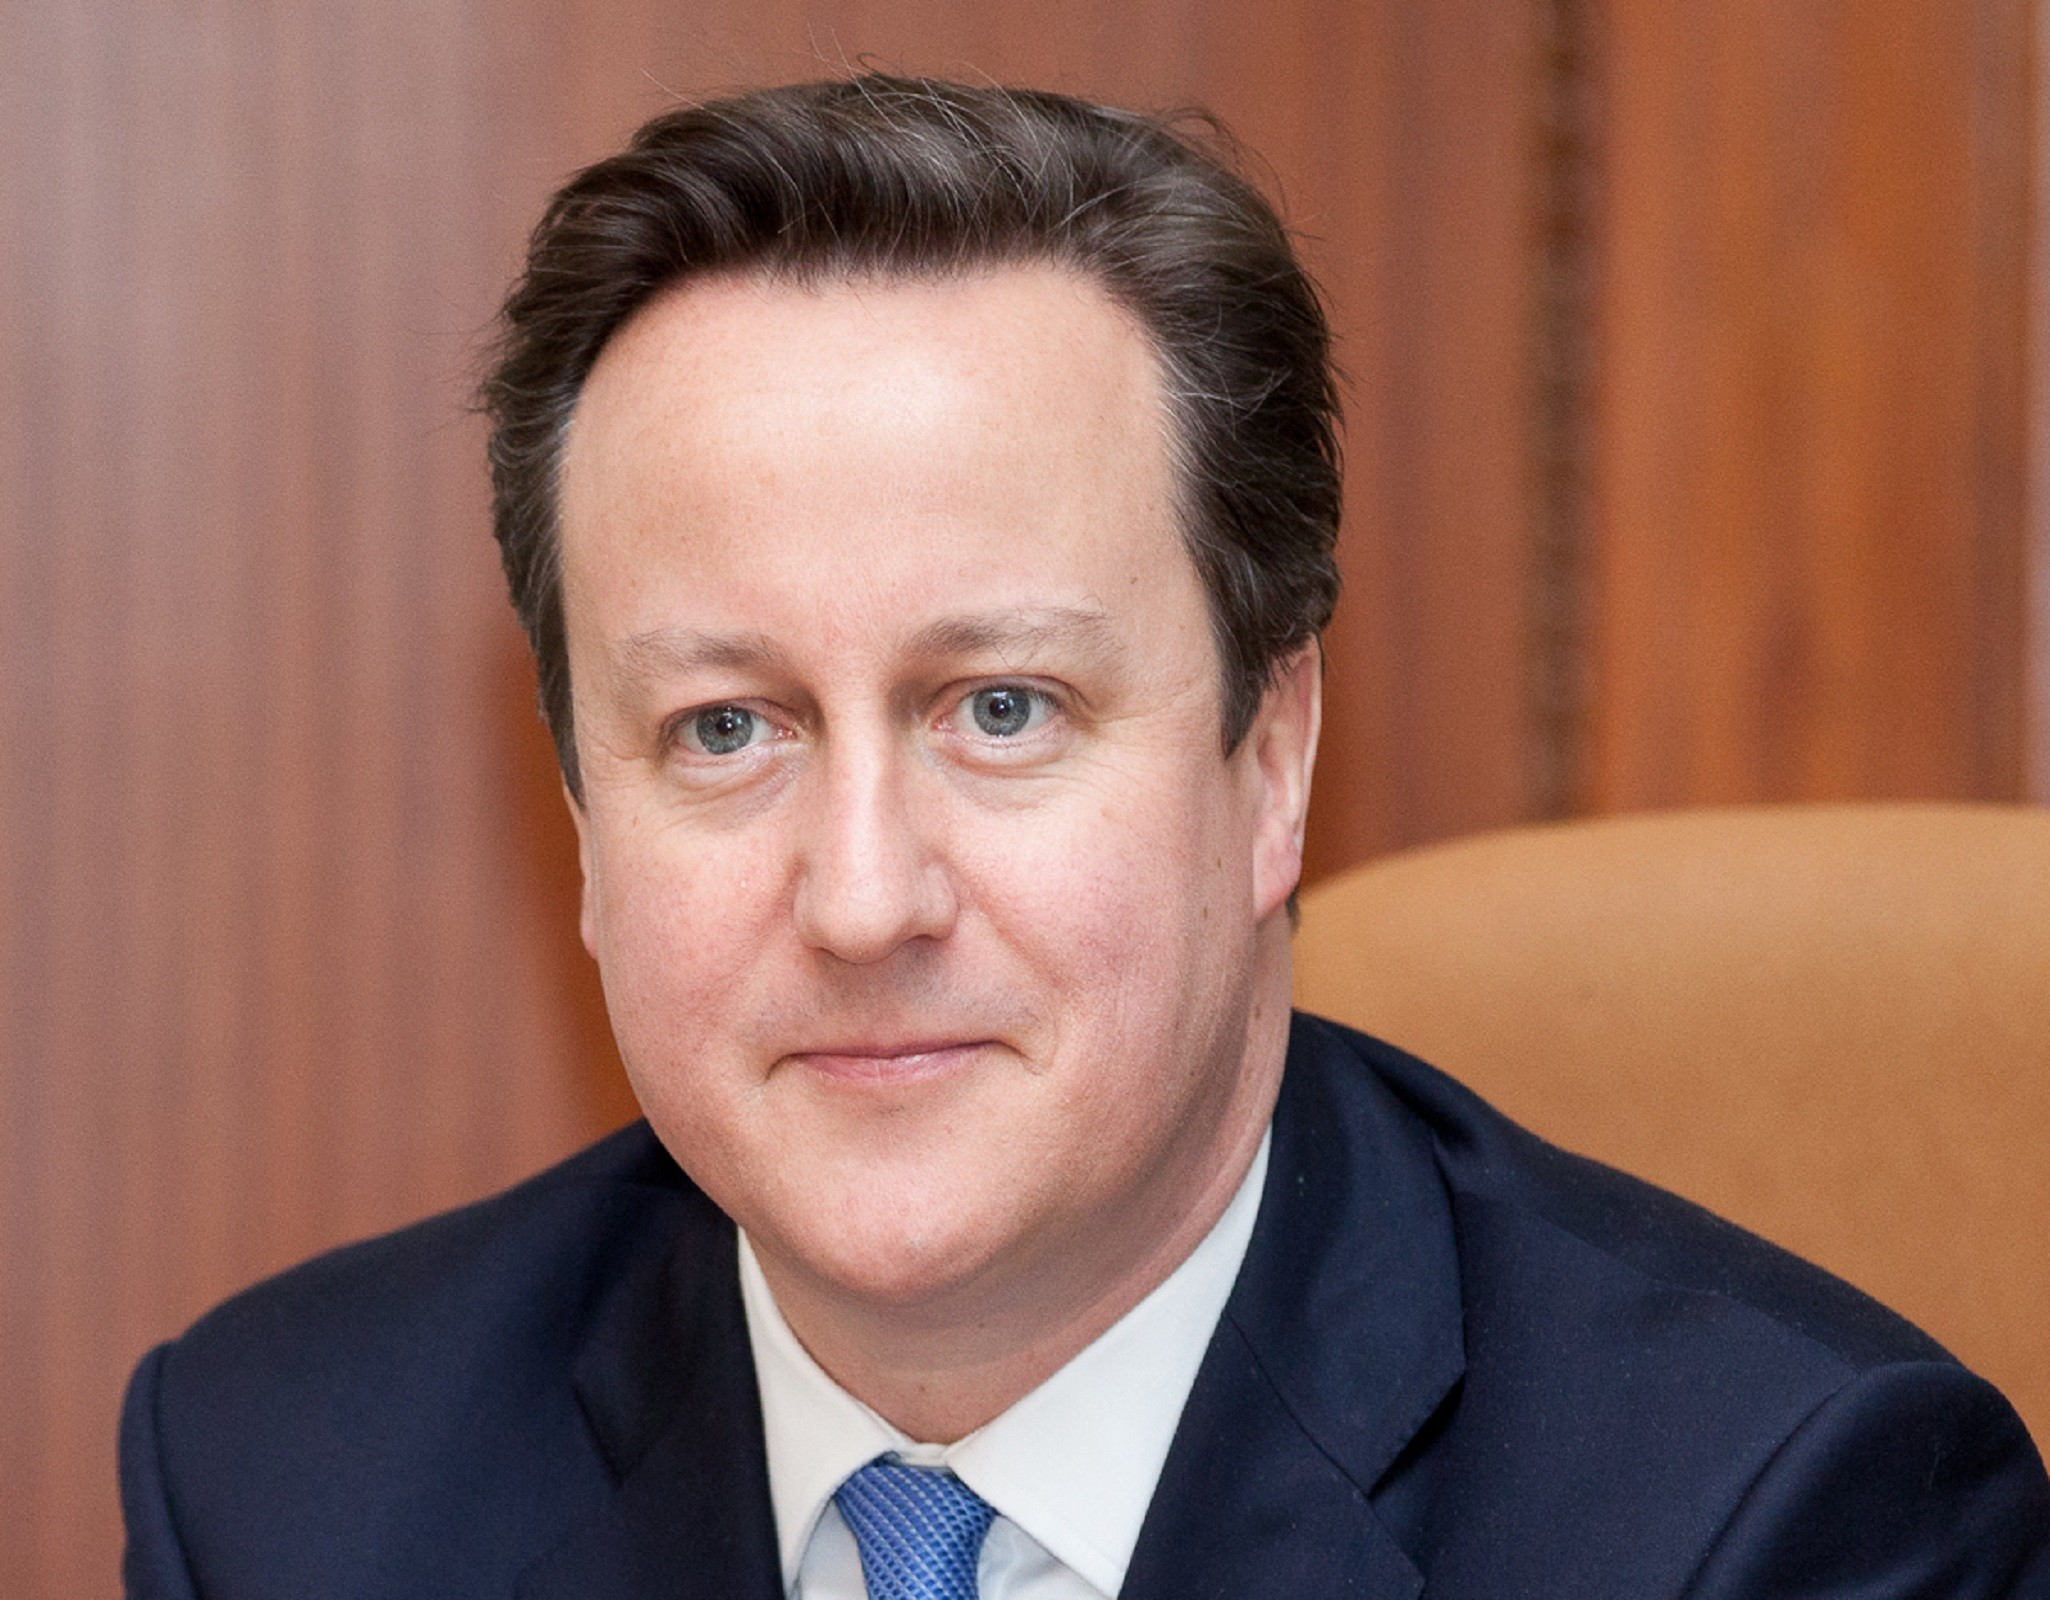 İngiltere Başbakanı: Türkiye AB'den Çok Uzak